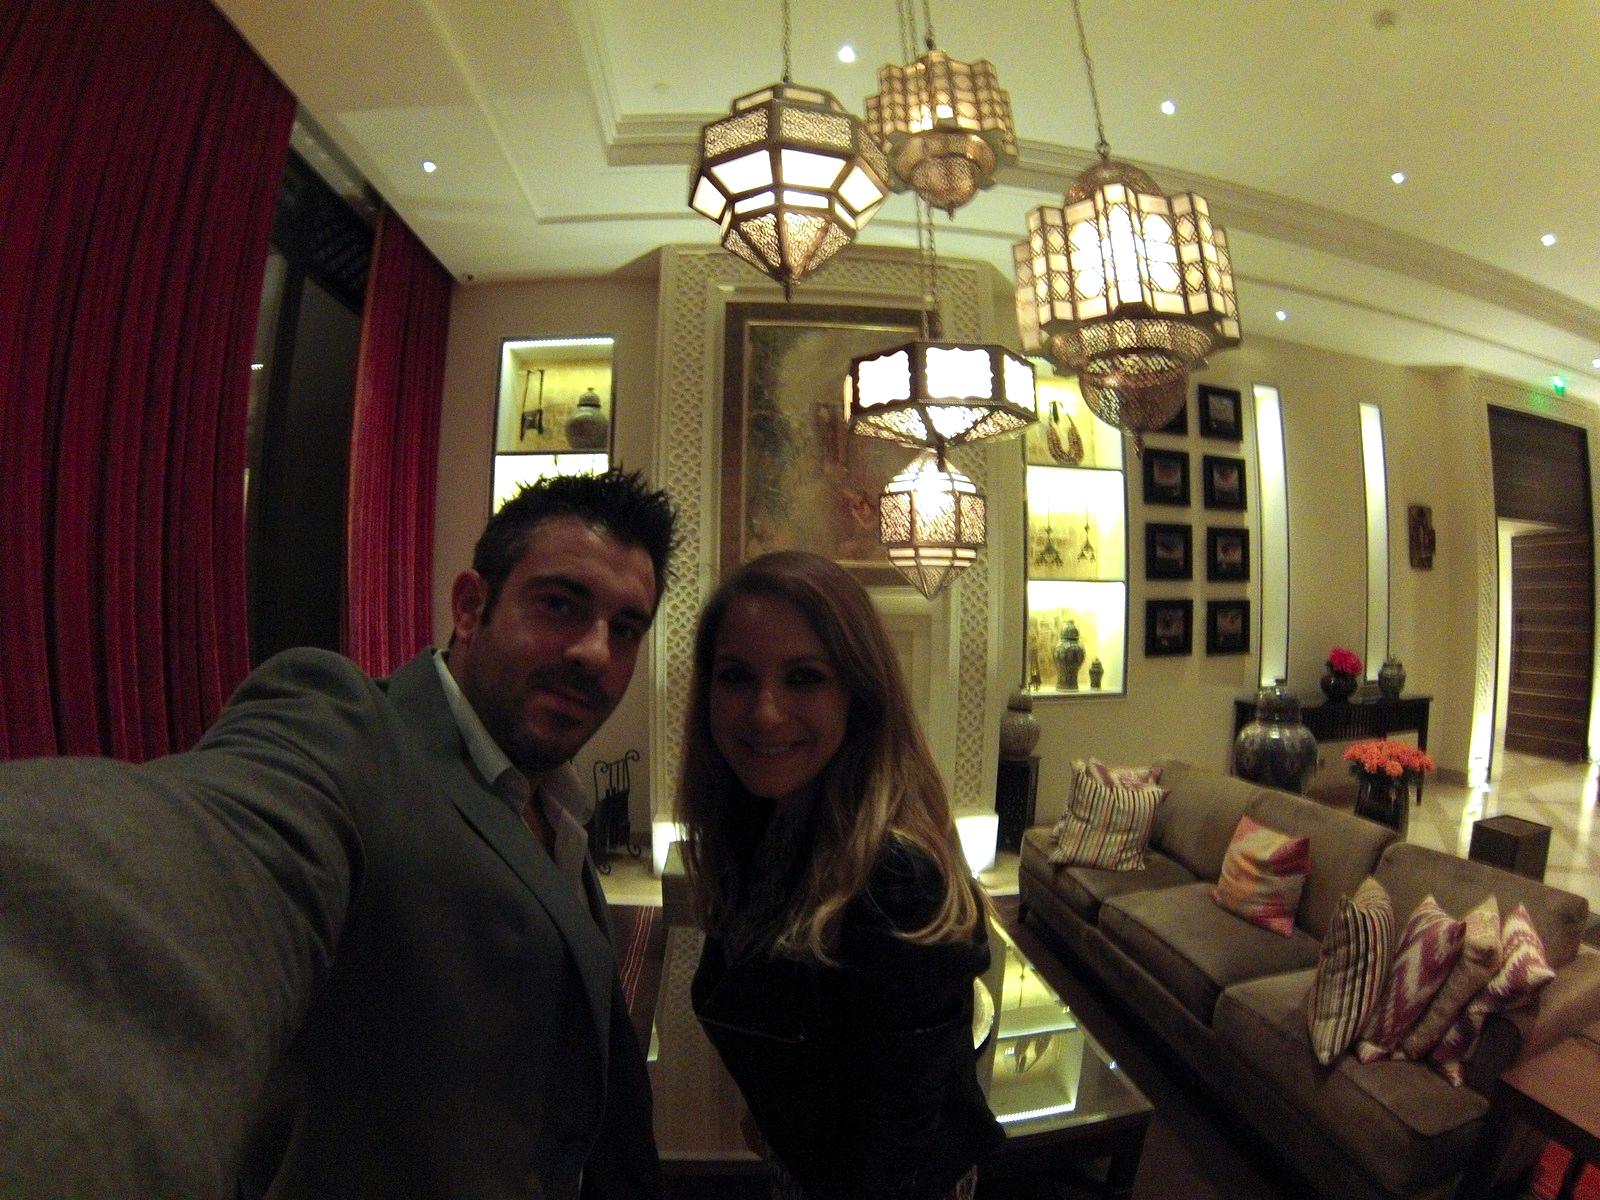 Disfrutando de los maravillosos restaurantes del hotel Four Seasons Marrakech Four Seasons Marrakech, oasis en la ciudad roja - 15907857855 b381f1ee23 h - Four Seasons Marrakech, oasis en la ciudad roja